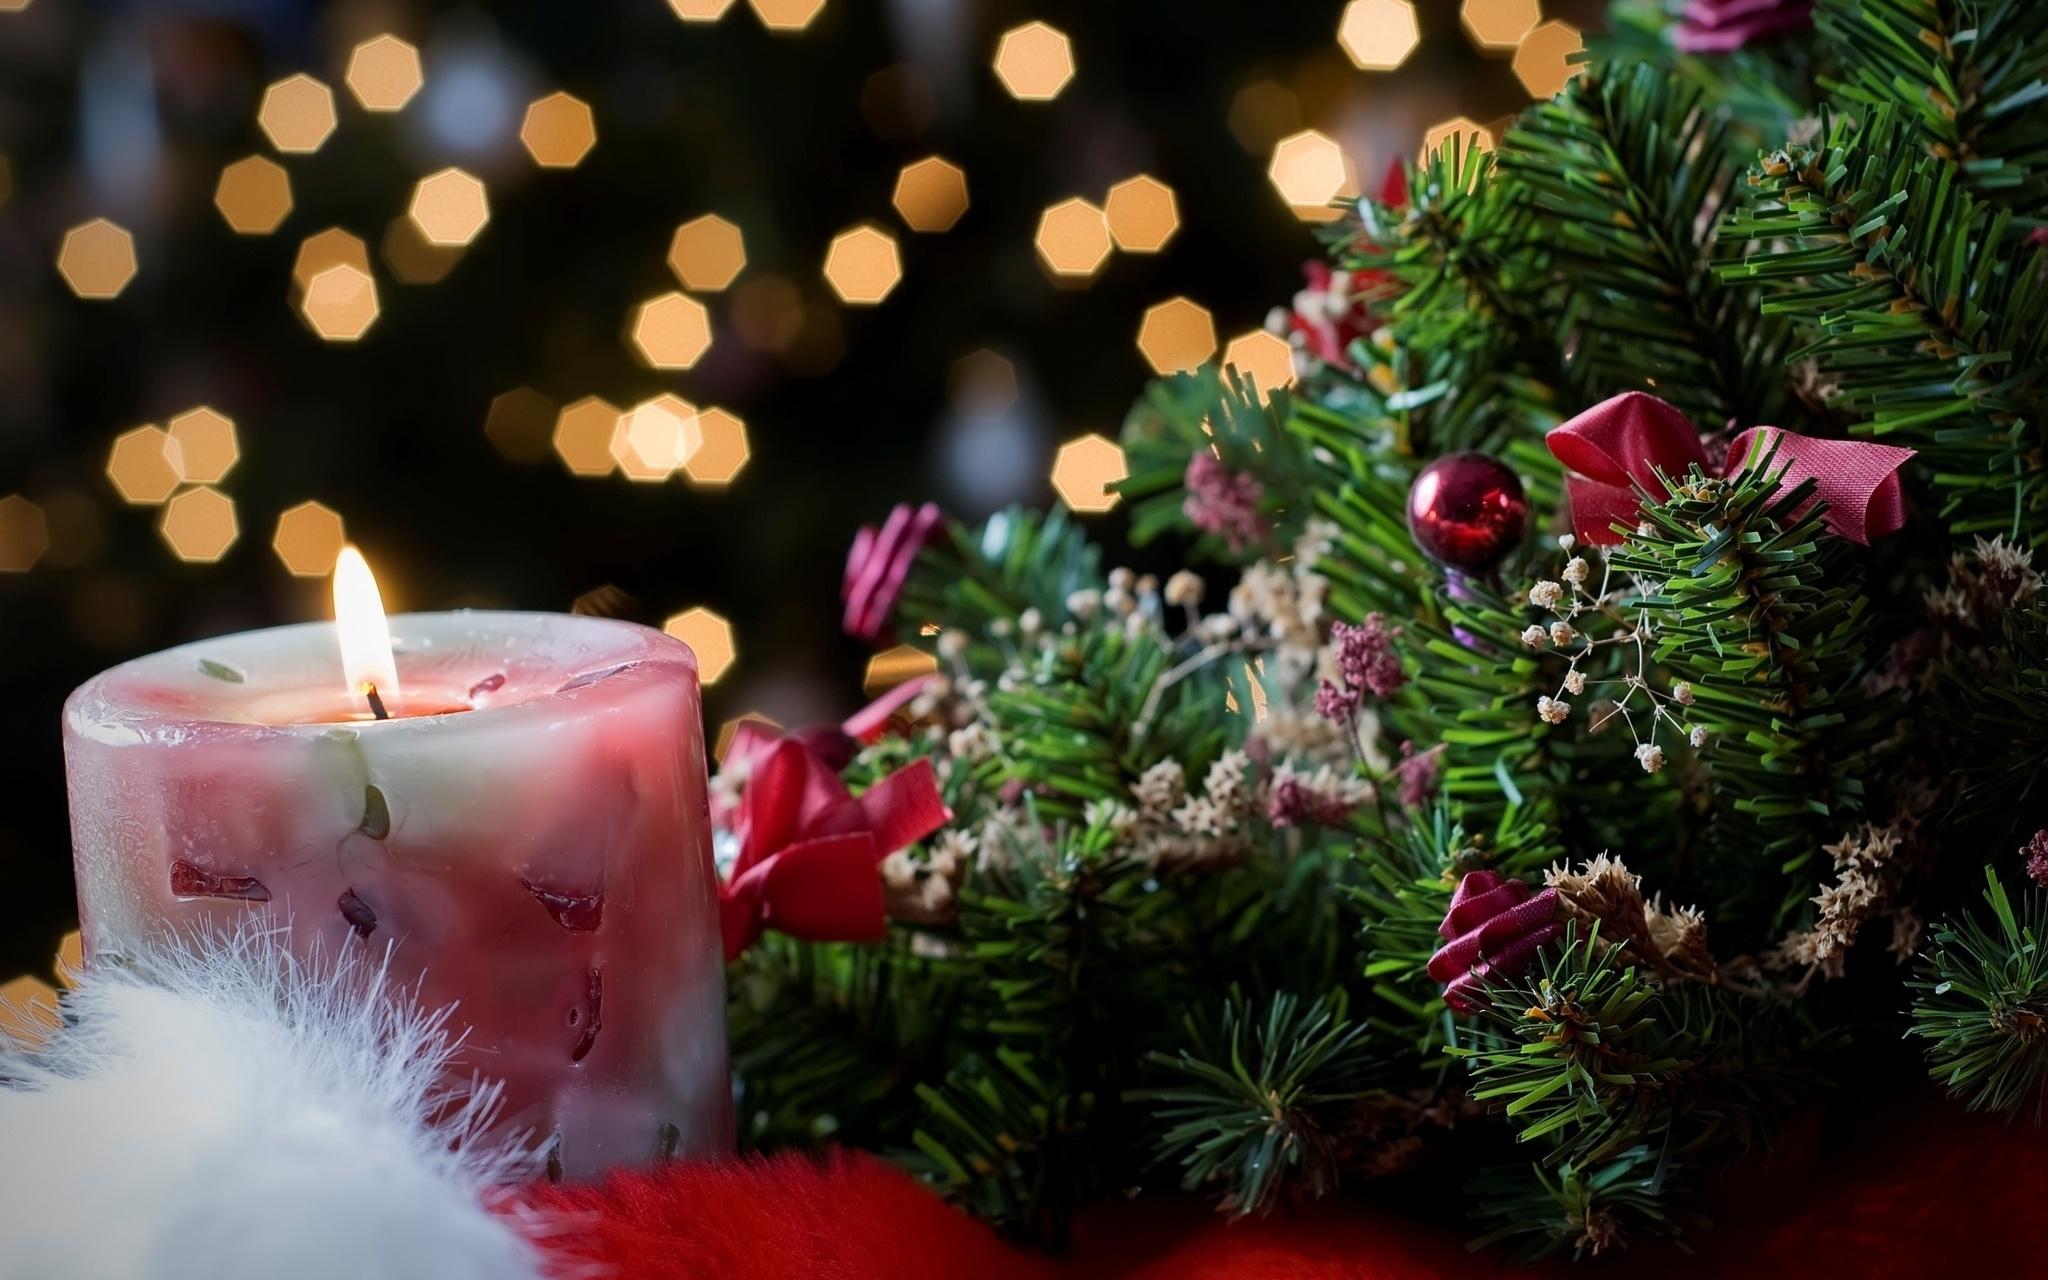 Сеть магазинов Vospeta поздравляет вас с наступающим Новым Годом и Рождеством